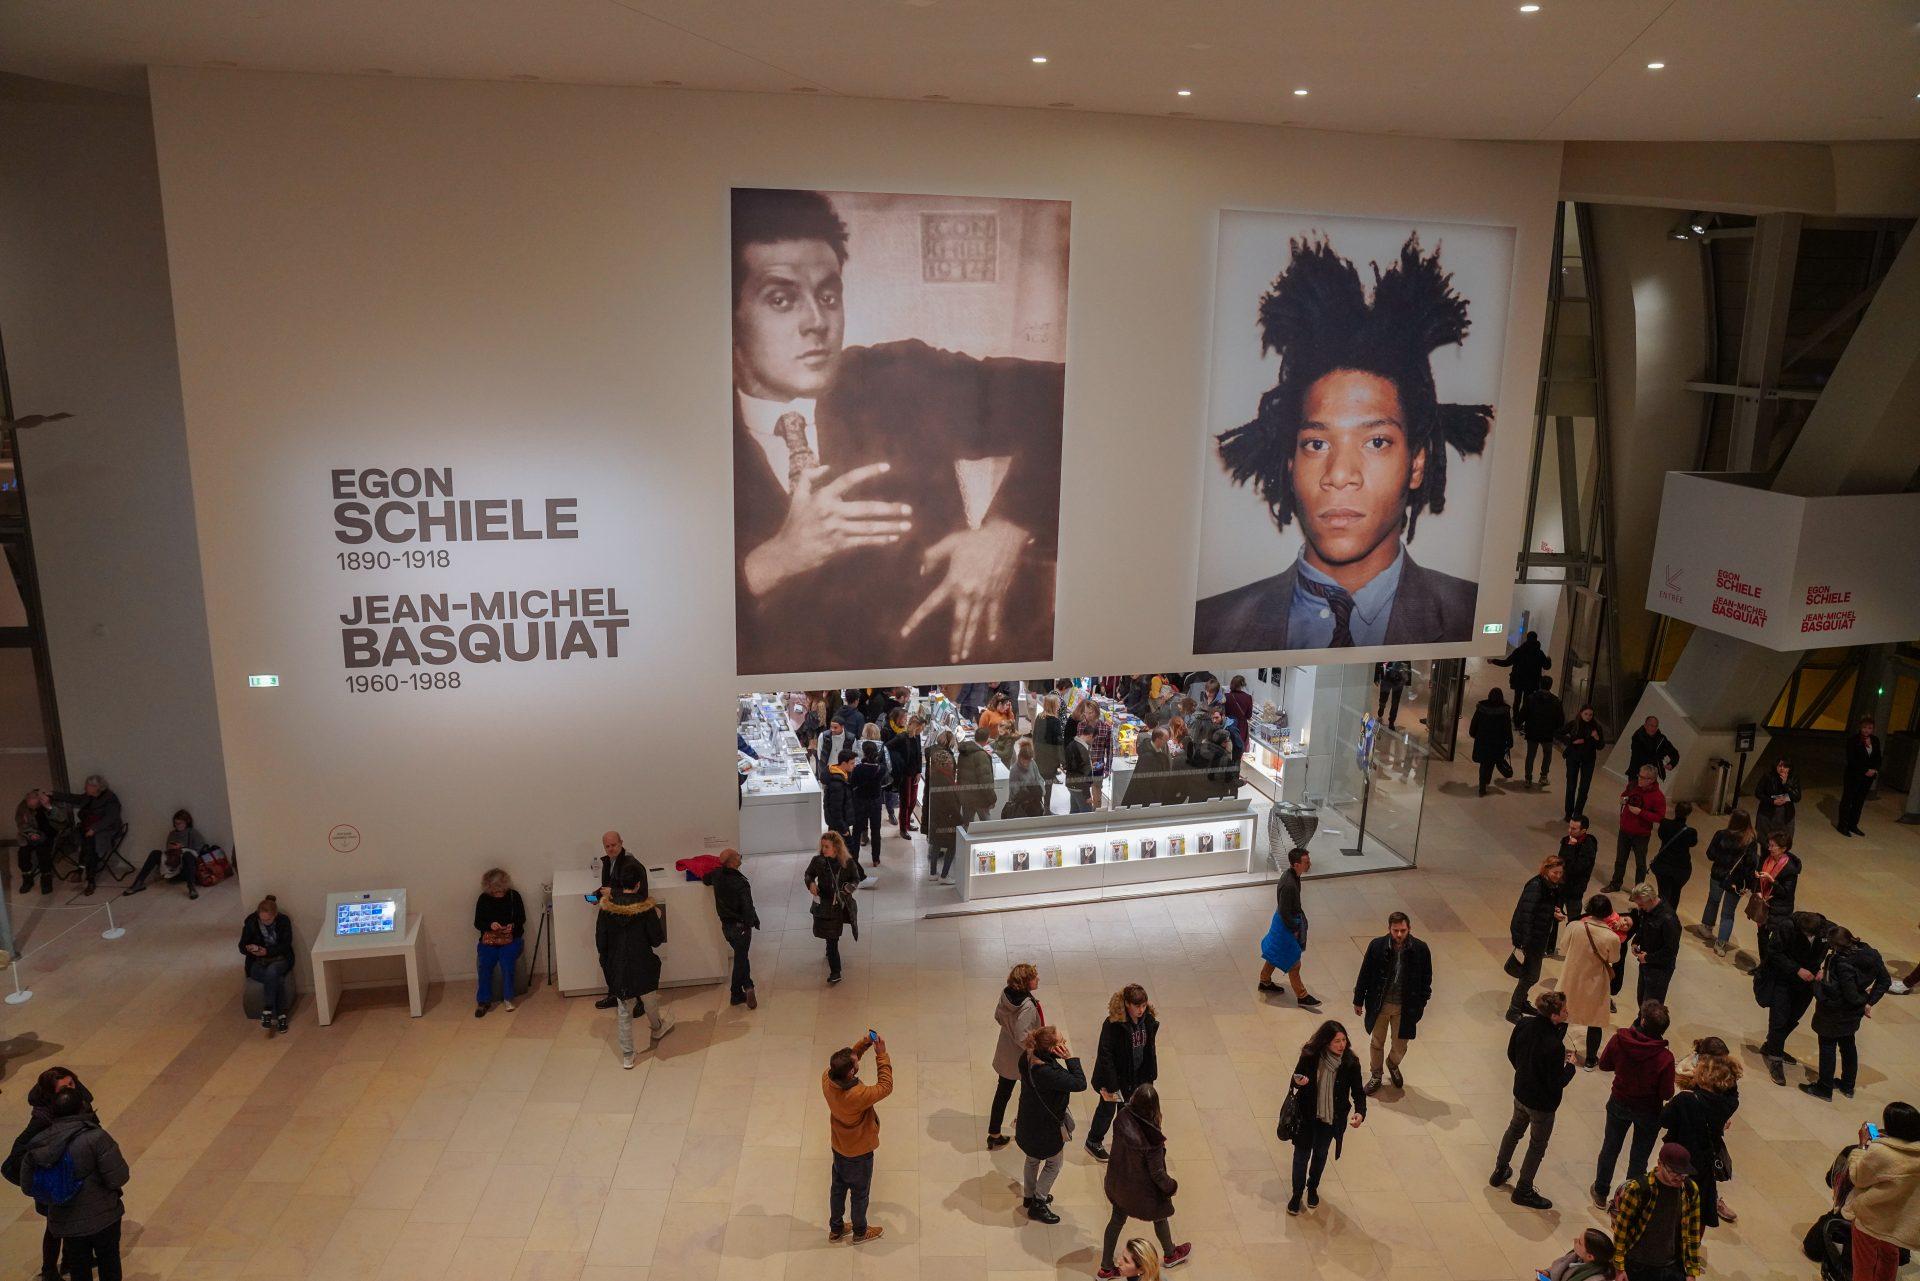 Egon Schiele und Jean-Michel Basquiat